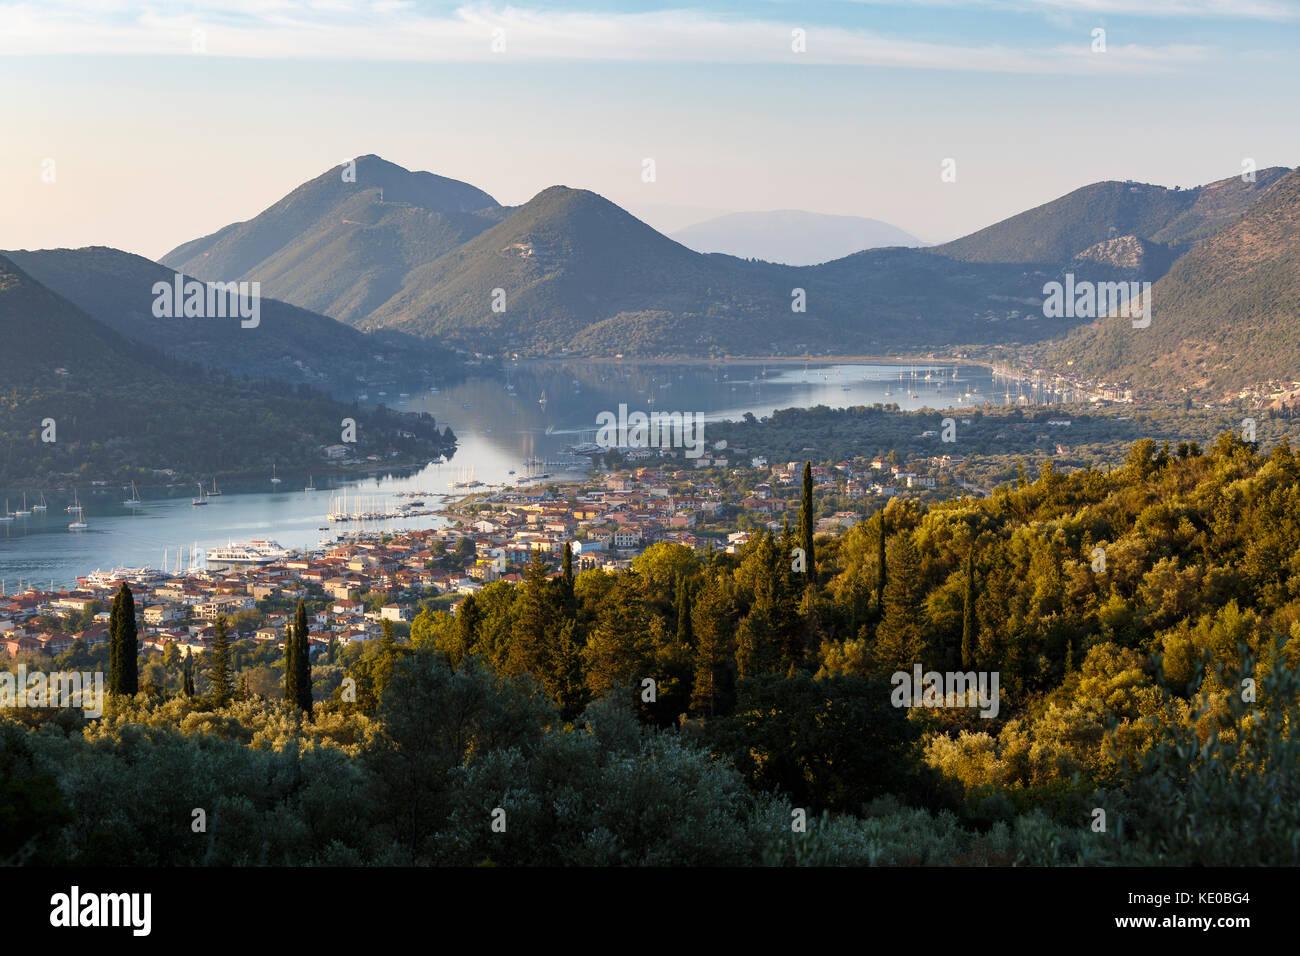 Das Dorf Nydri auf Lefkada Insel in Griechenland. Stockbild